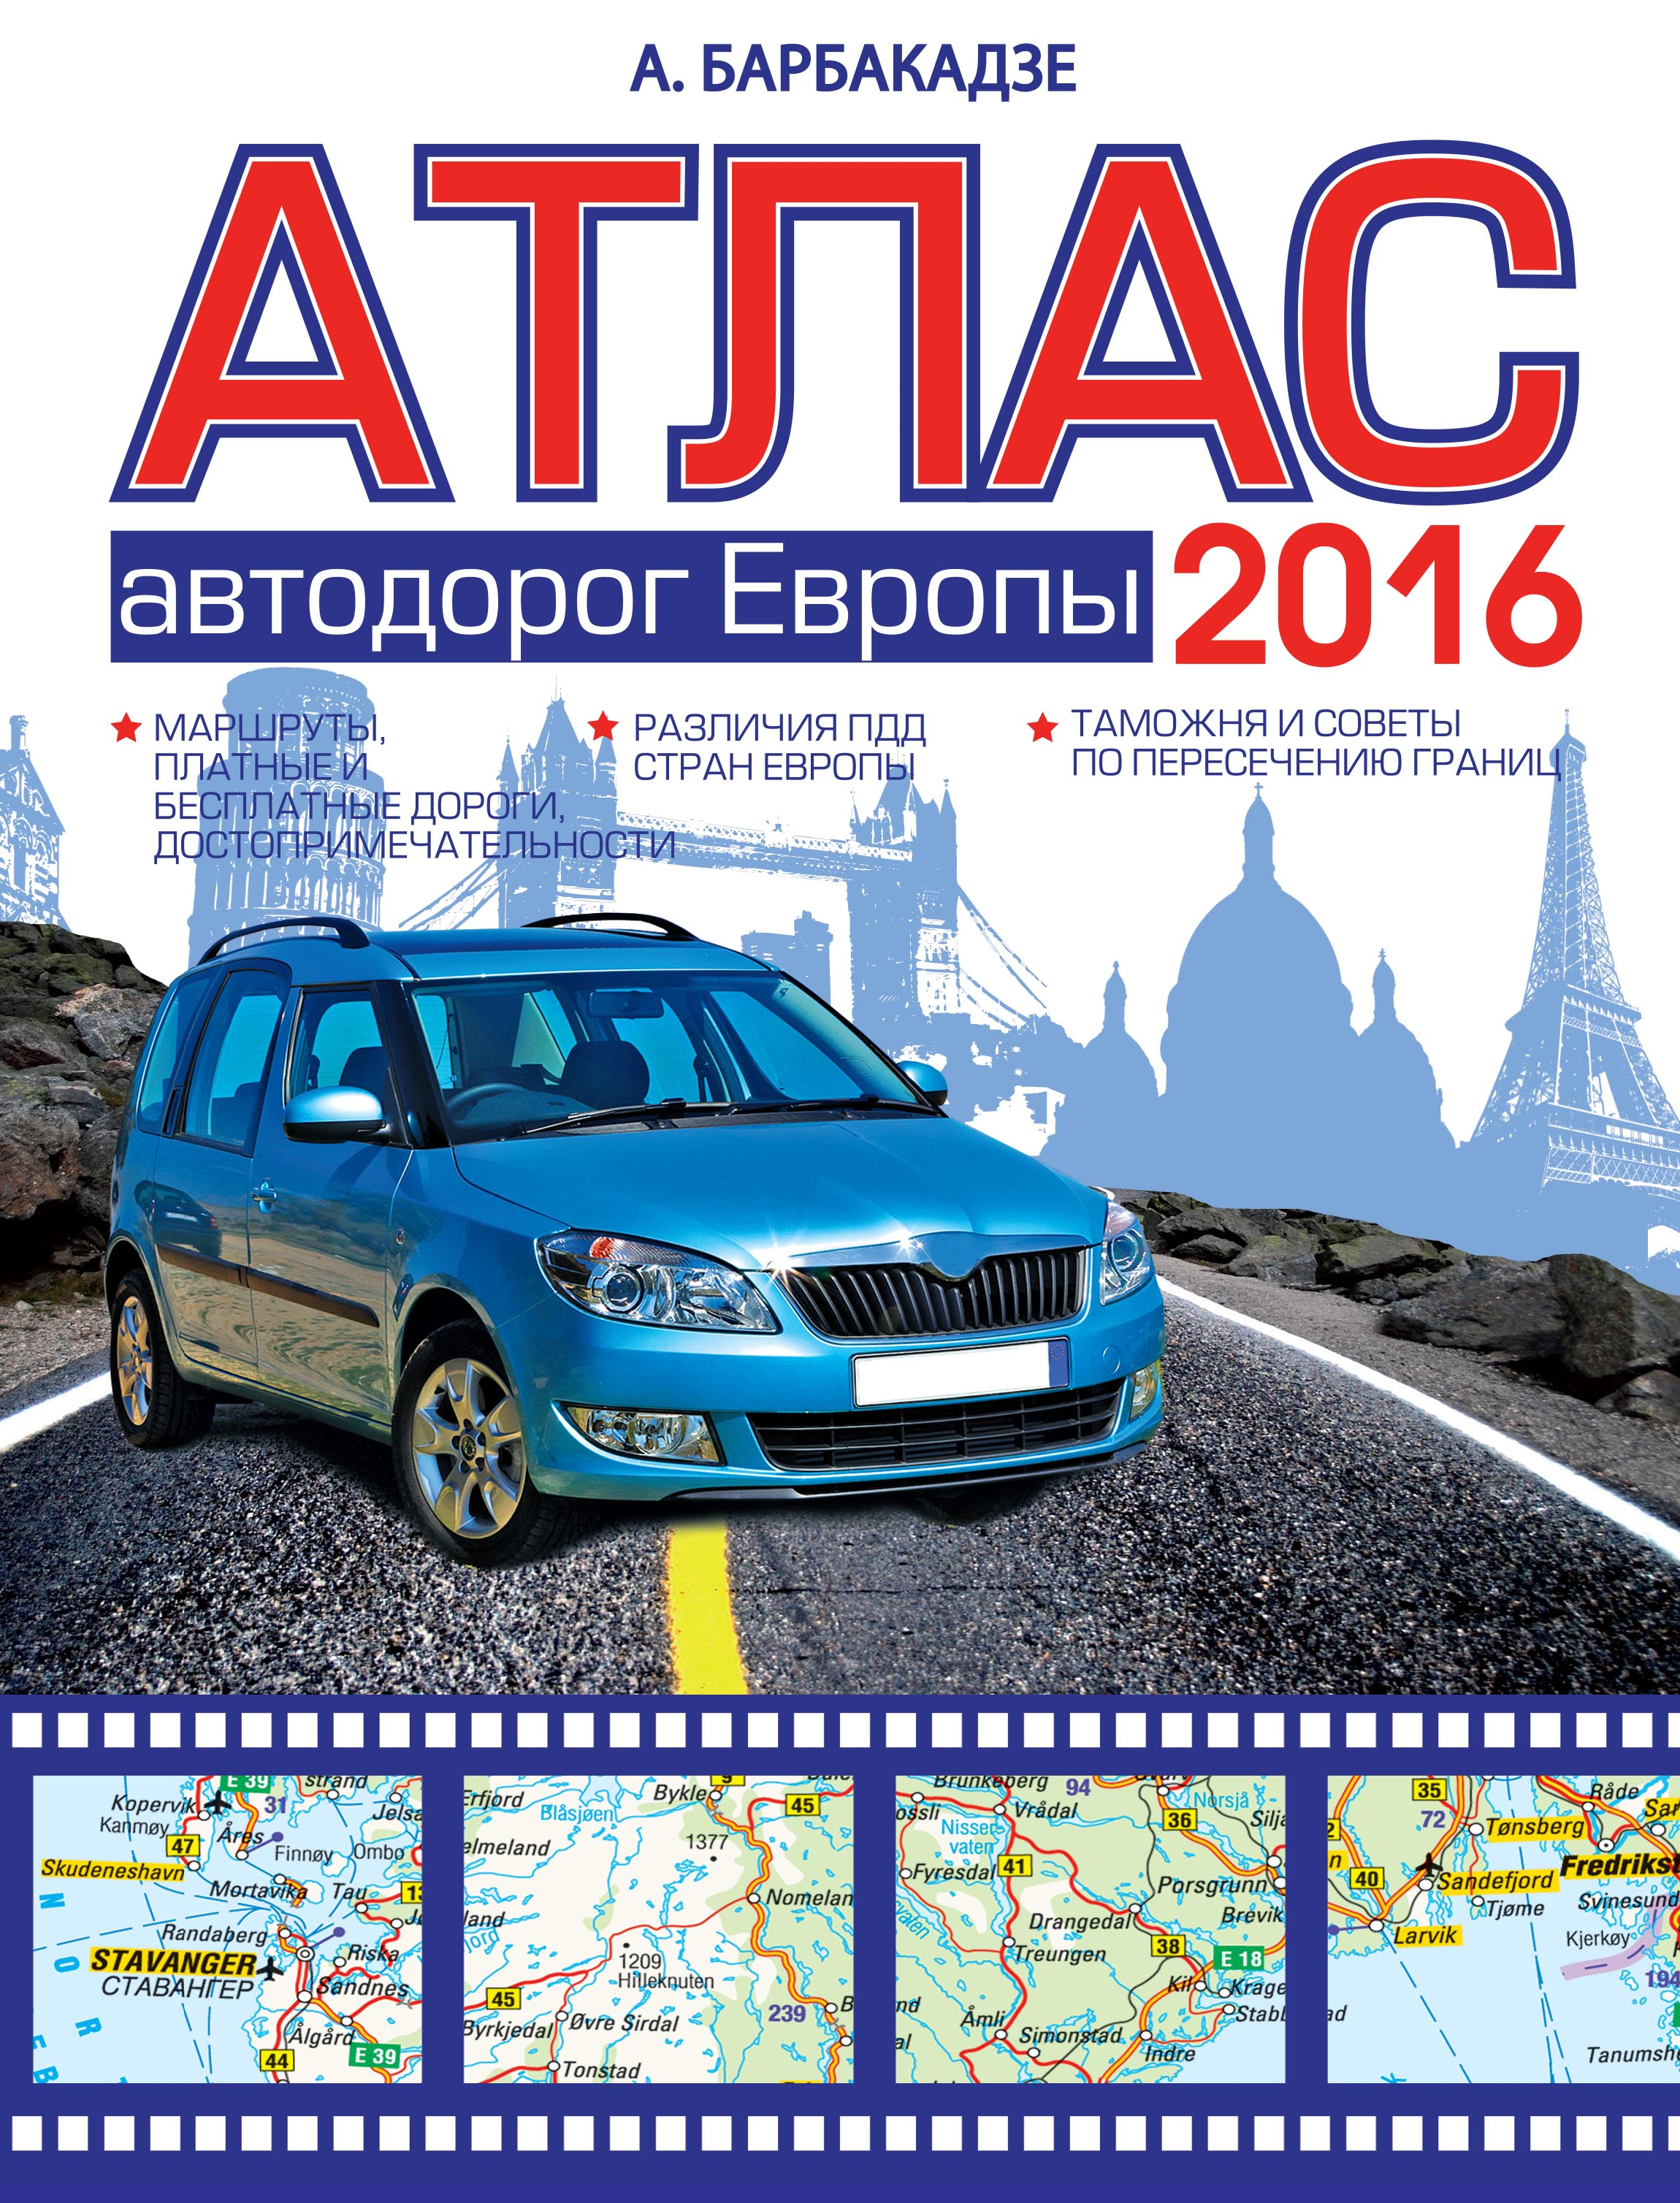 А. Барбакадзе Атлас автодорог Европы 2016 цена